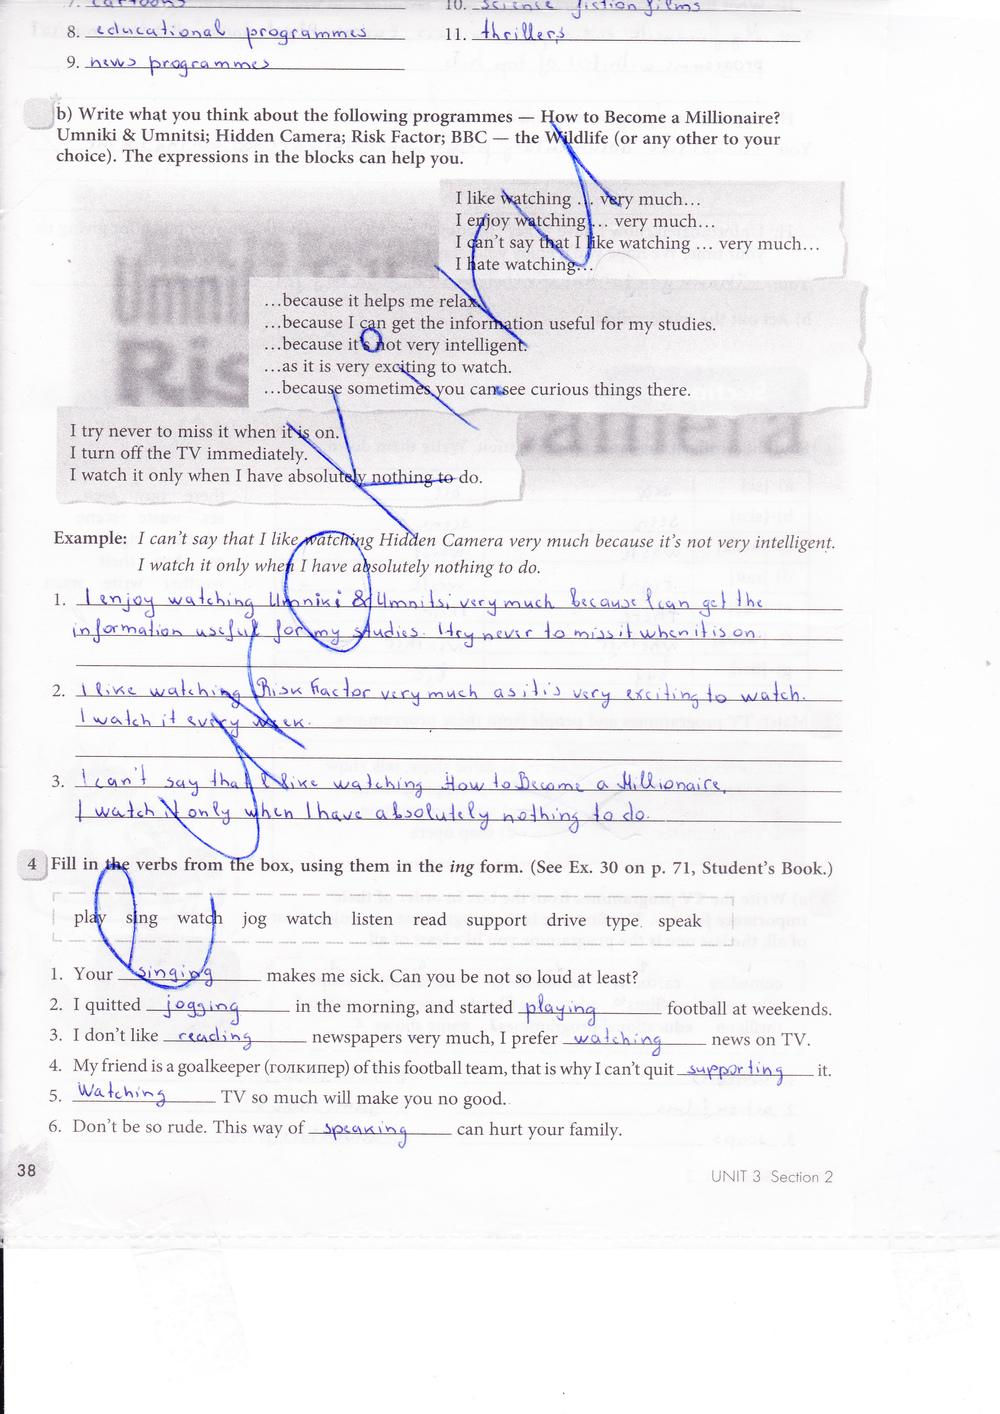 Рабочая тетрадь английский 8 класс решебник биболетова